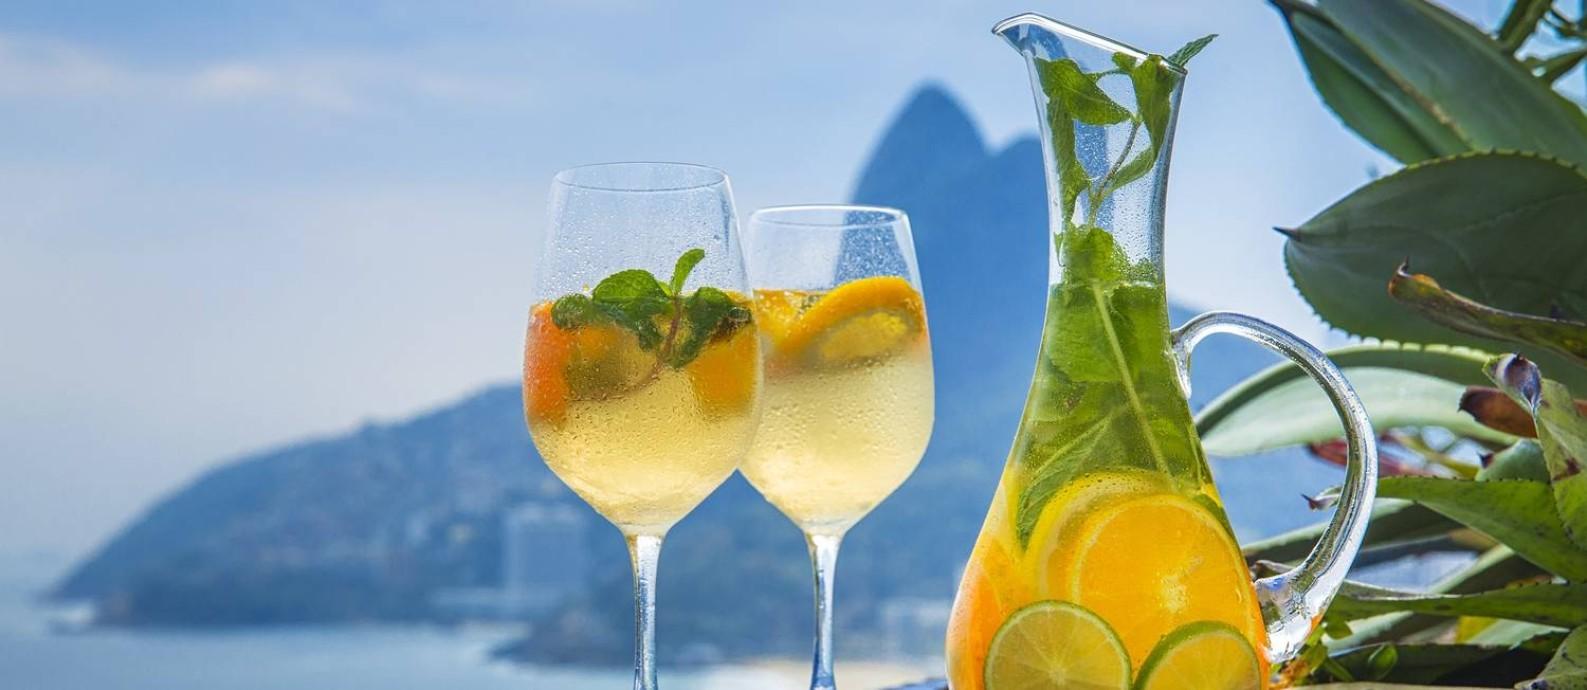 O clericot do 7zero6, combina vinho branco ou vinho ou espumante brut, frutas cítricas picadas, licor de laranja e gelo Foto: Divulgação/Beto Roma